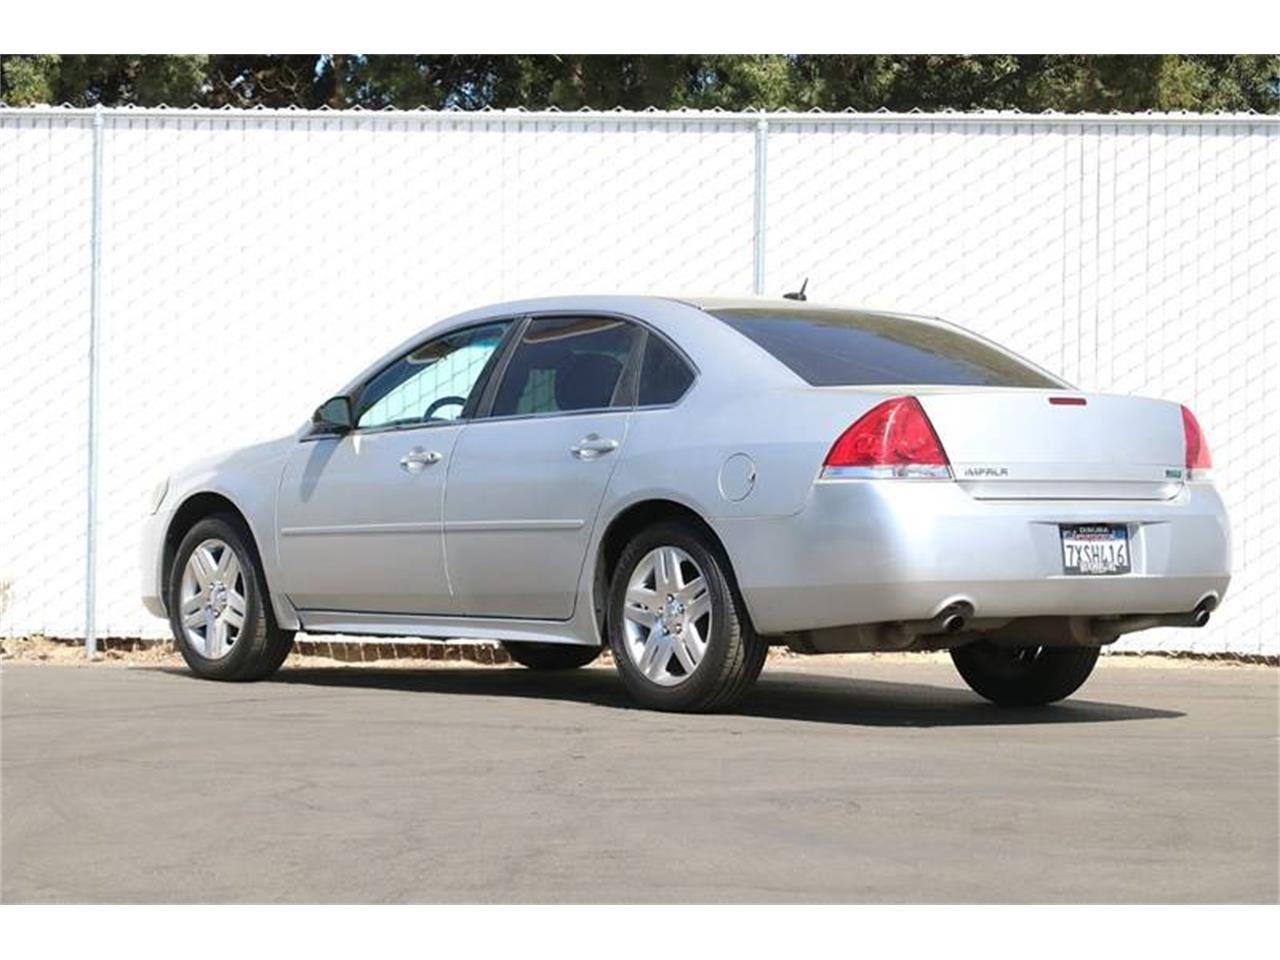 2013 Chevrolet Impala (CC-1310503) for sale in Dinuba, California